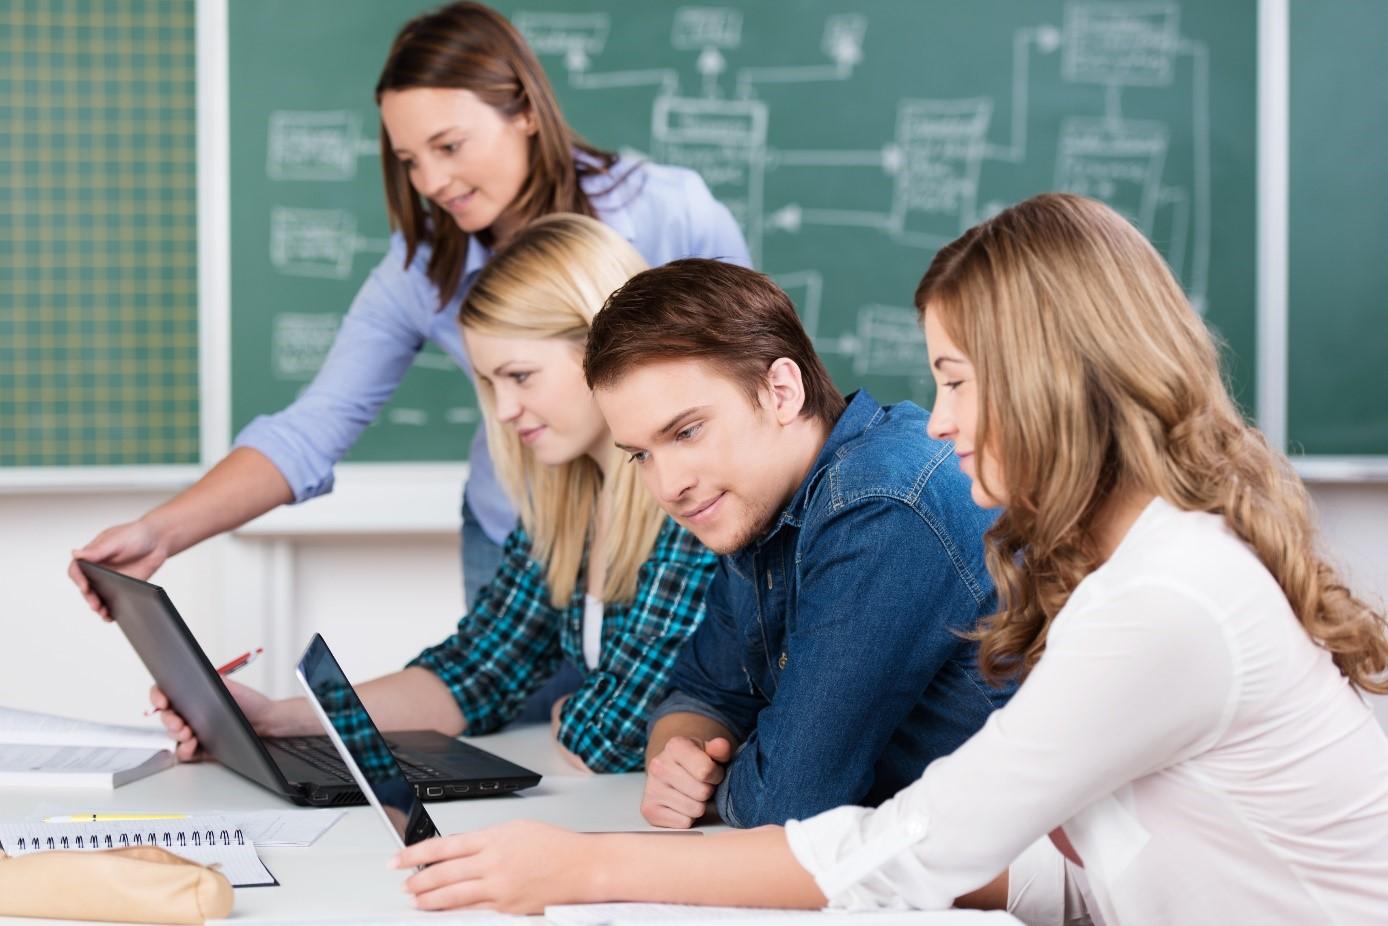 Studenten lernen in Gruppen online